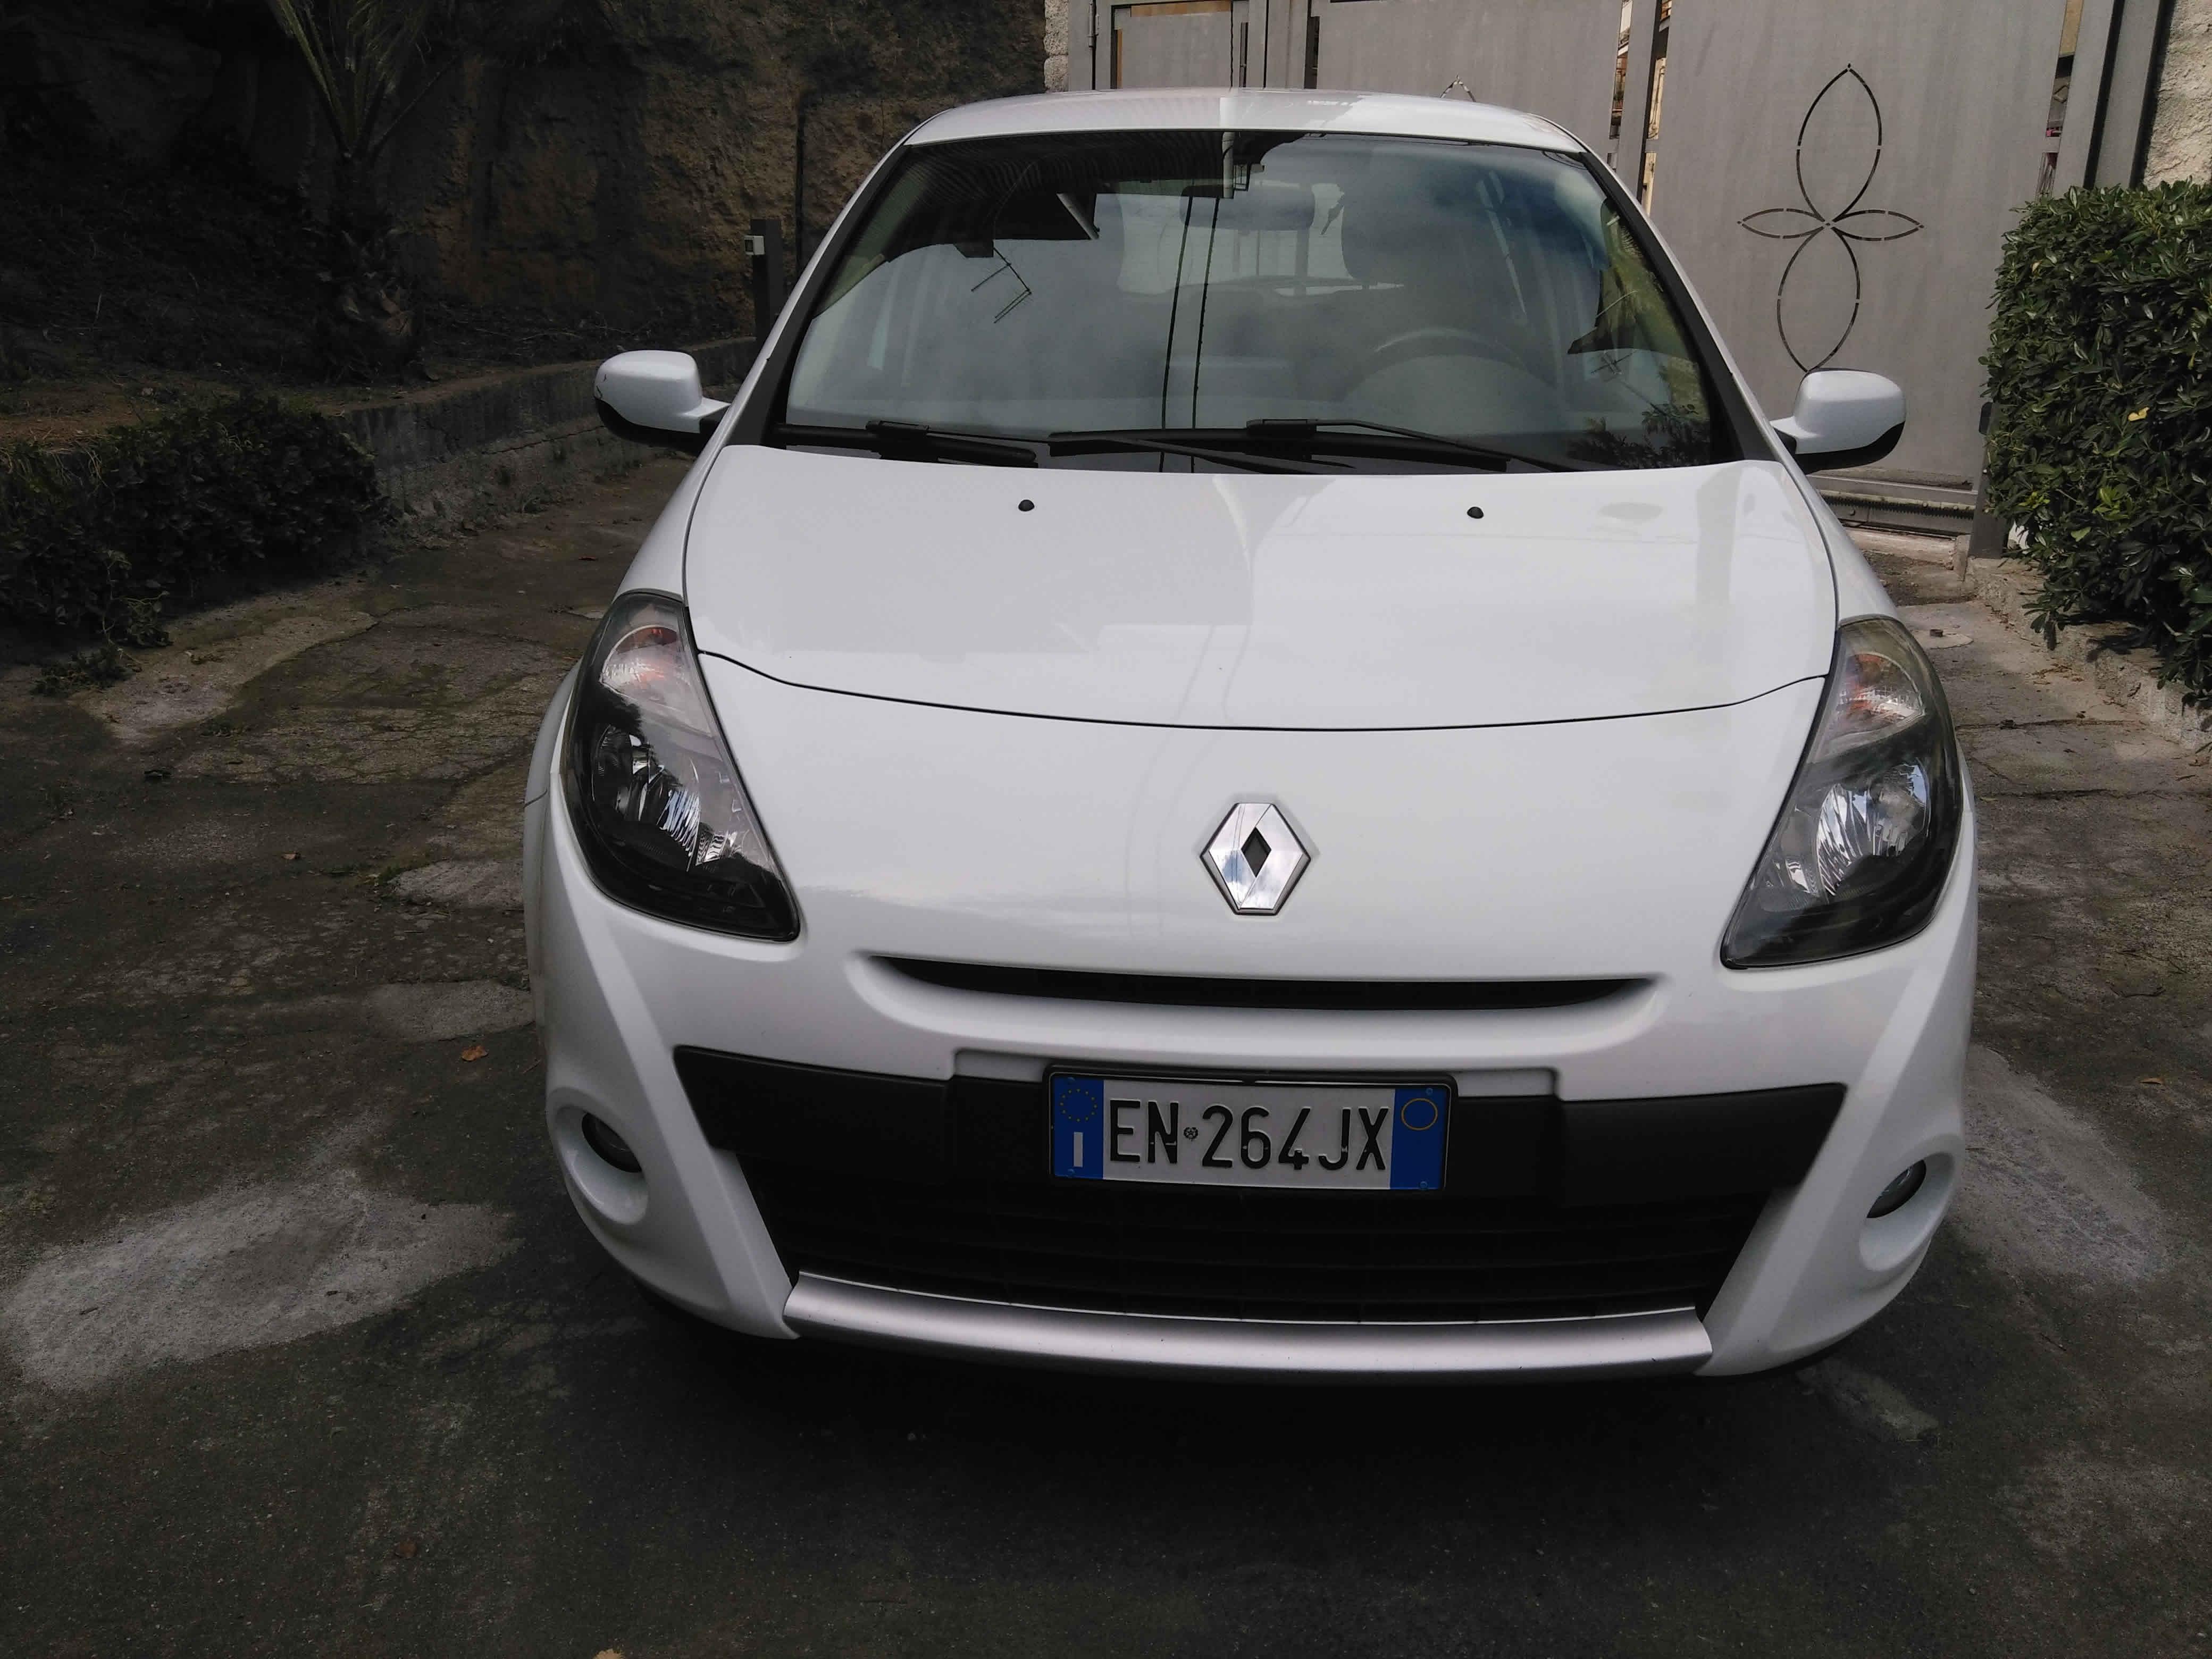 RENAULT CLIO 1.5 dci - €7.500